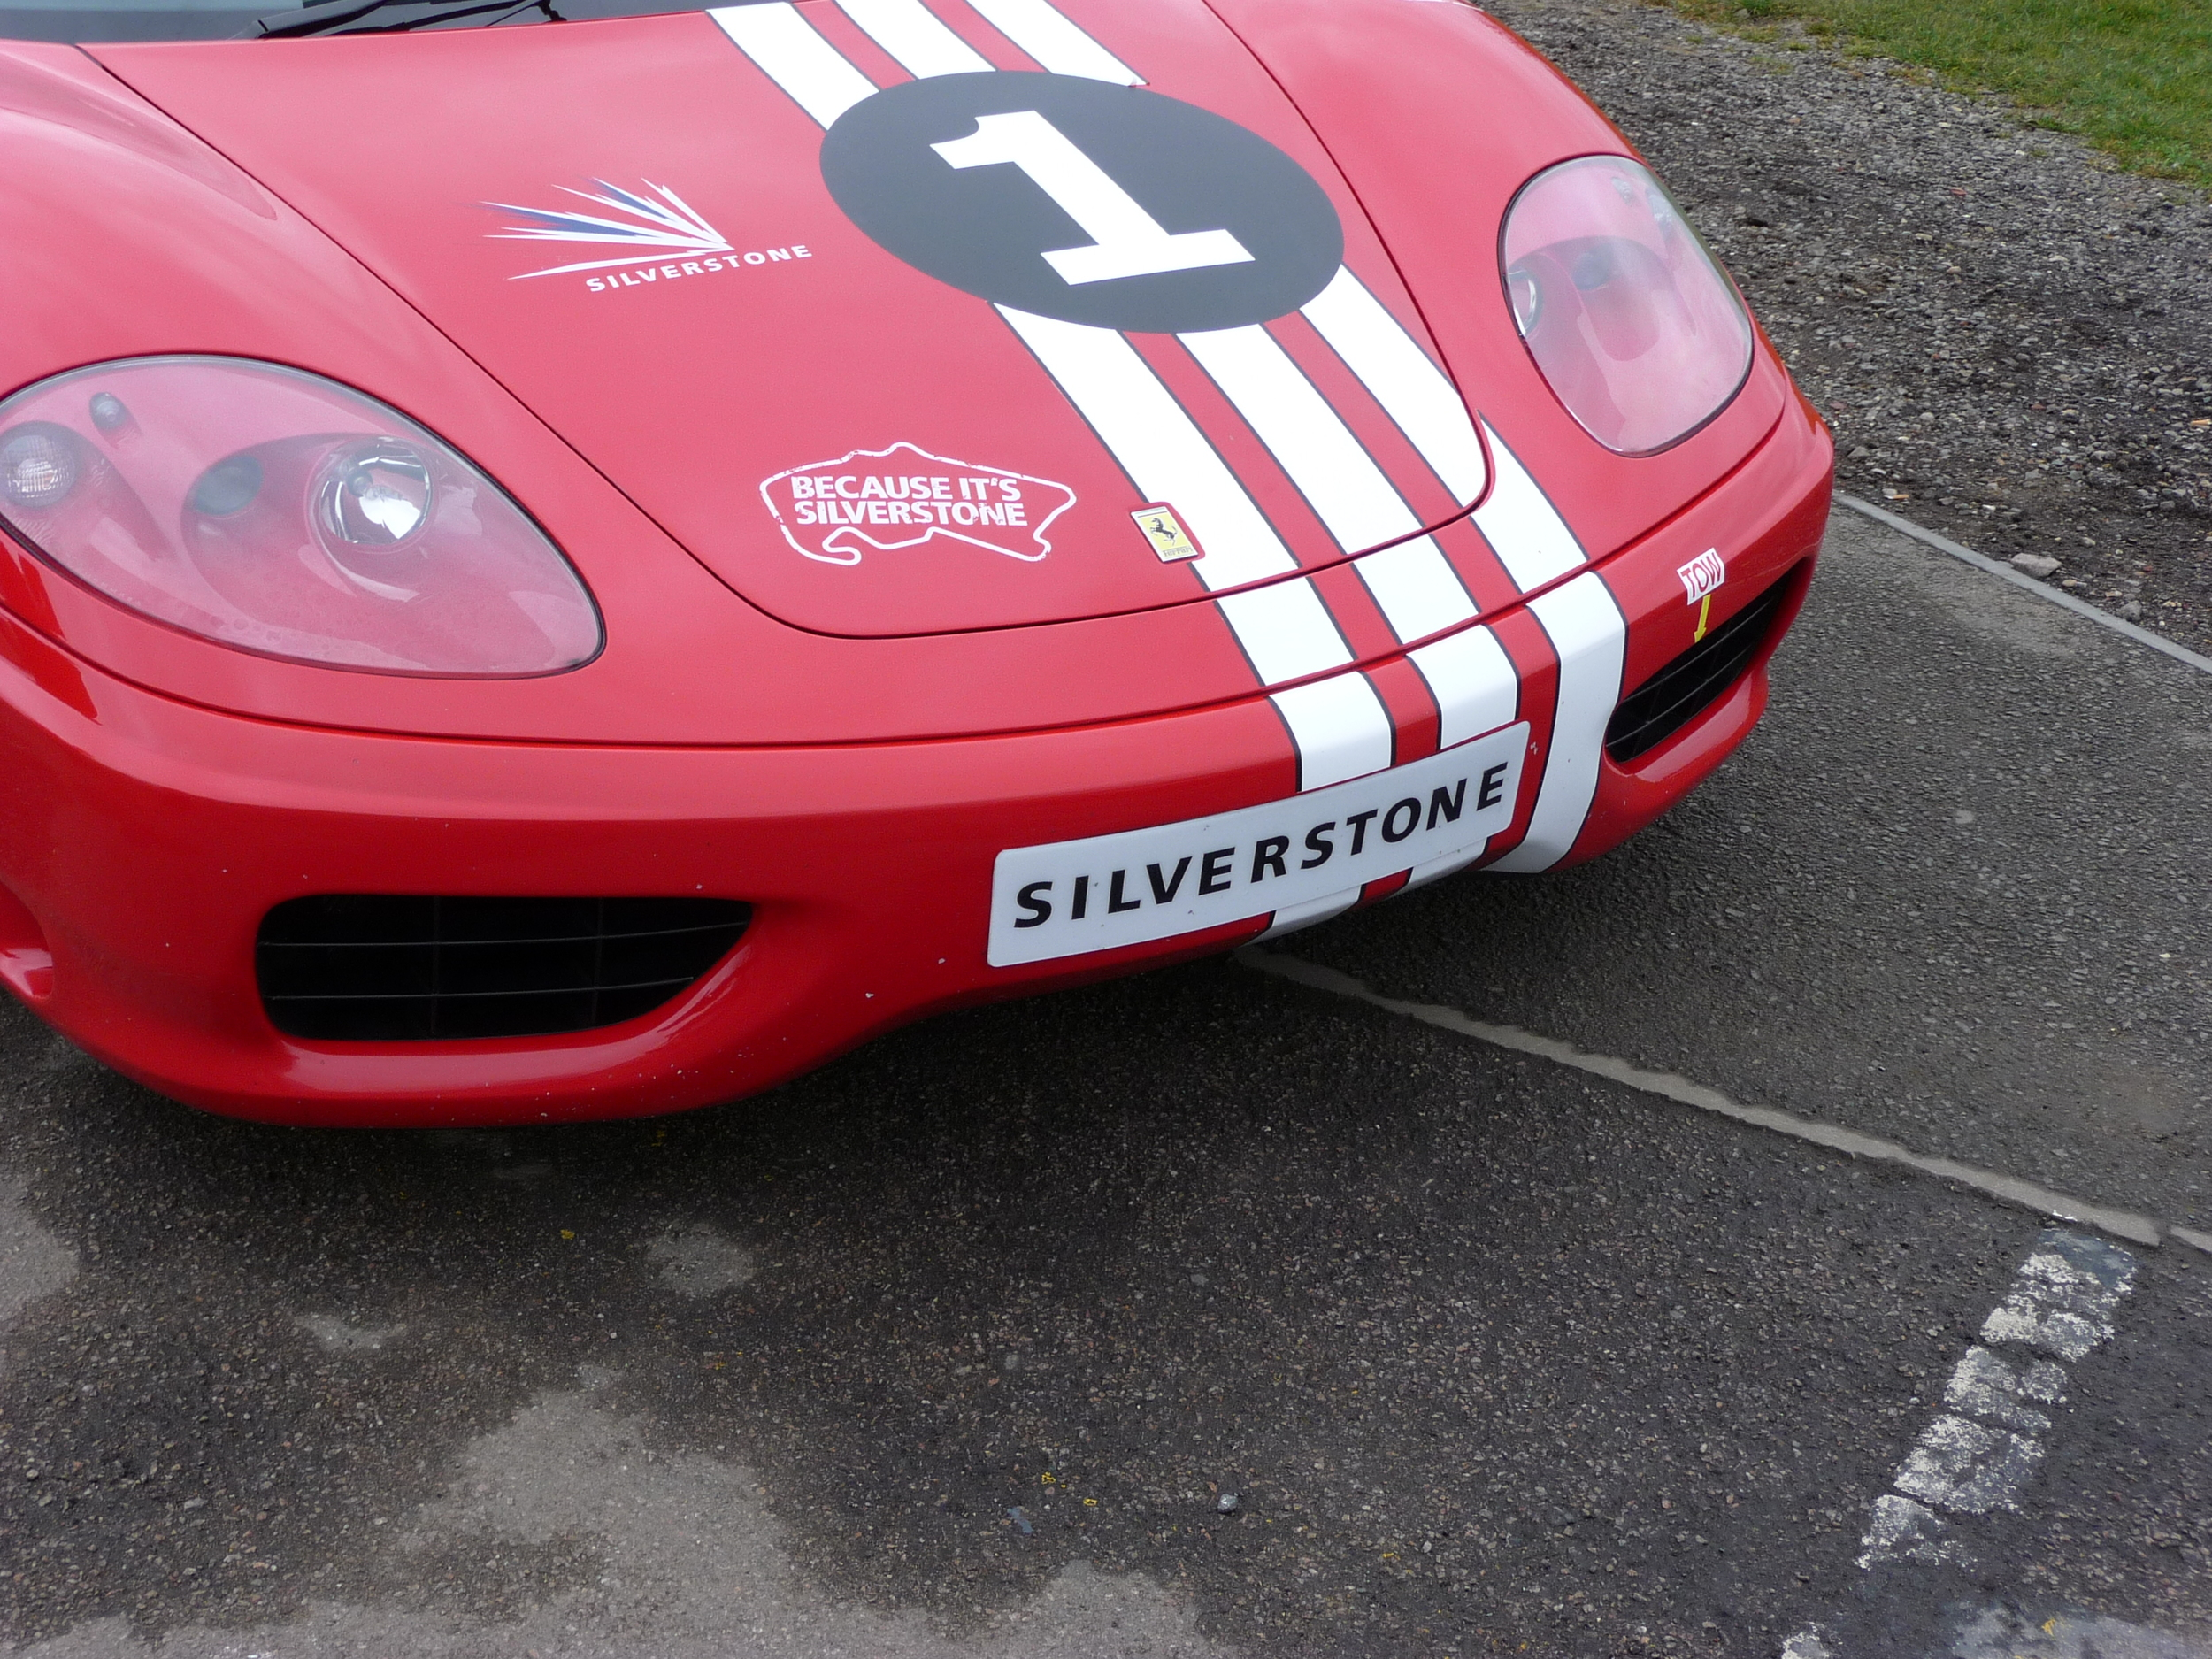 Silverstone's number 1 Ferrari 360 Modena